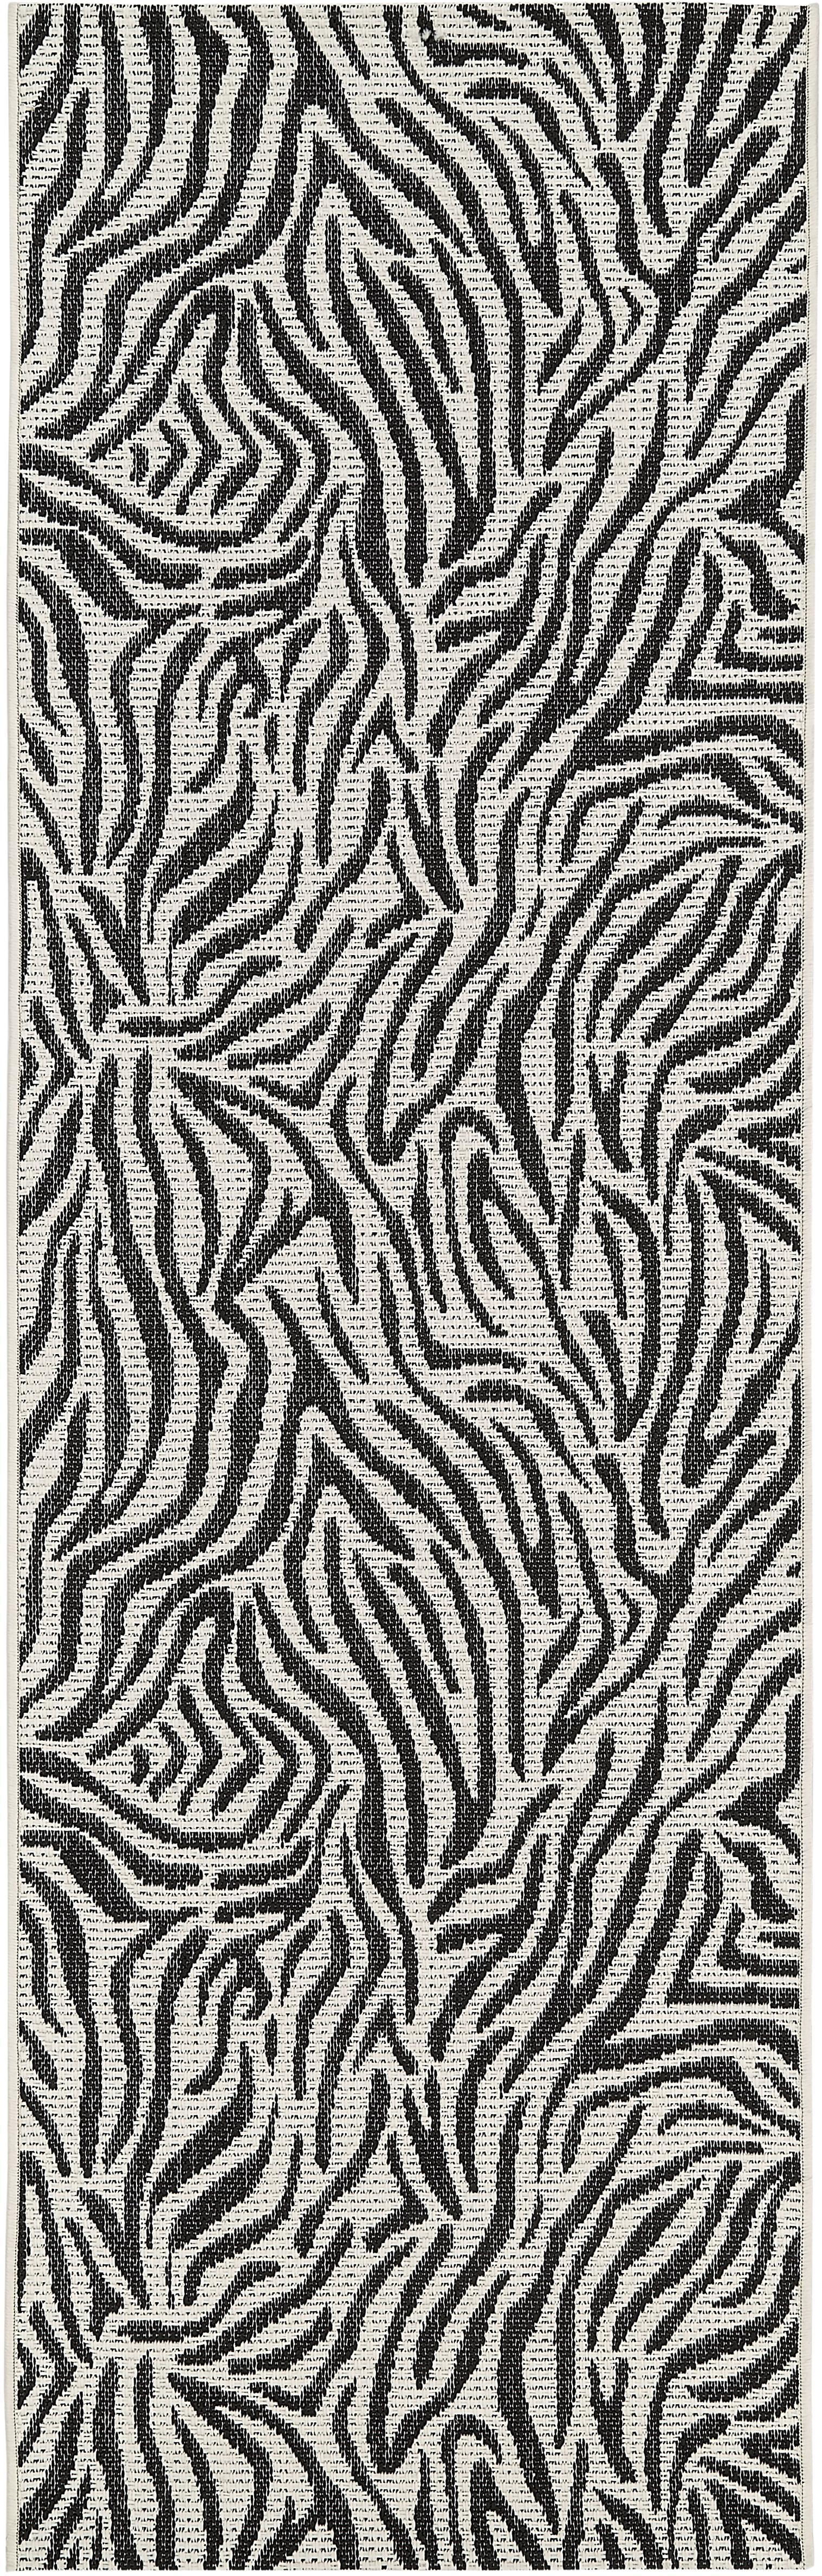 In- & Outdoor-Läufer Exotic mit Zebra Print, Flor: 100% Polypropylen, Cremeweiß, Schwarz, 80 x 250 cm